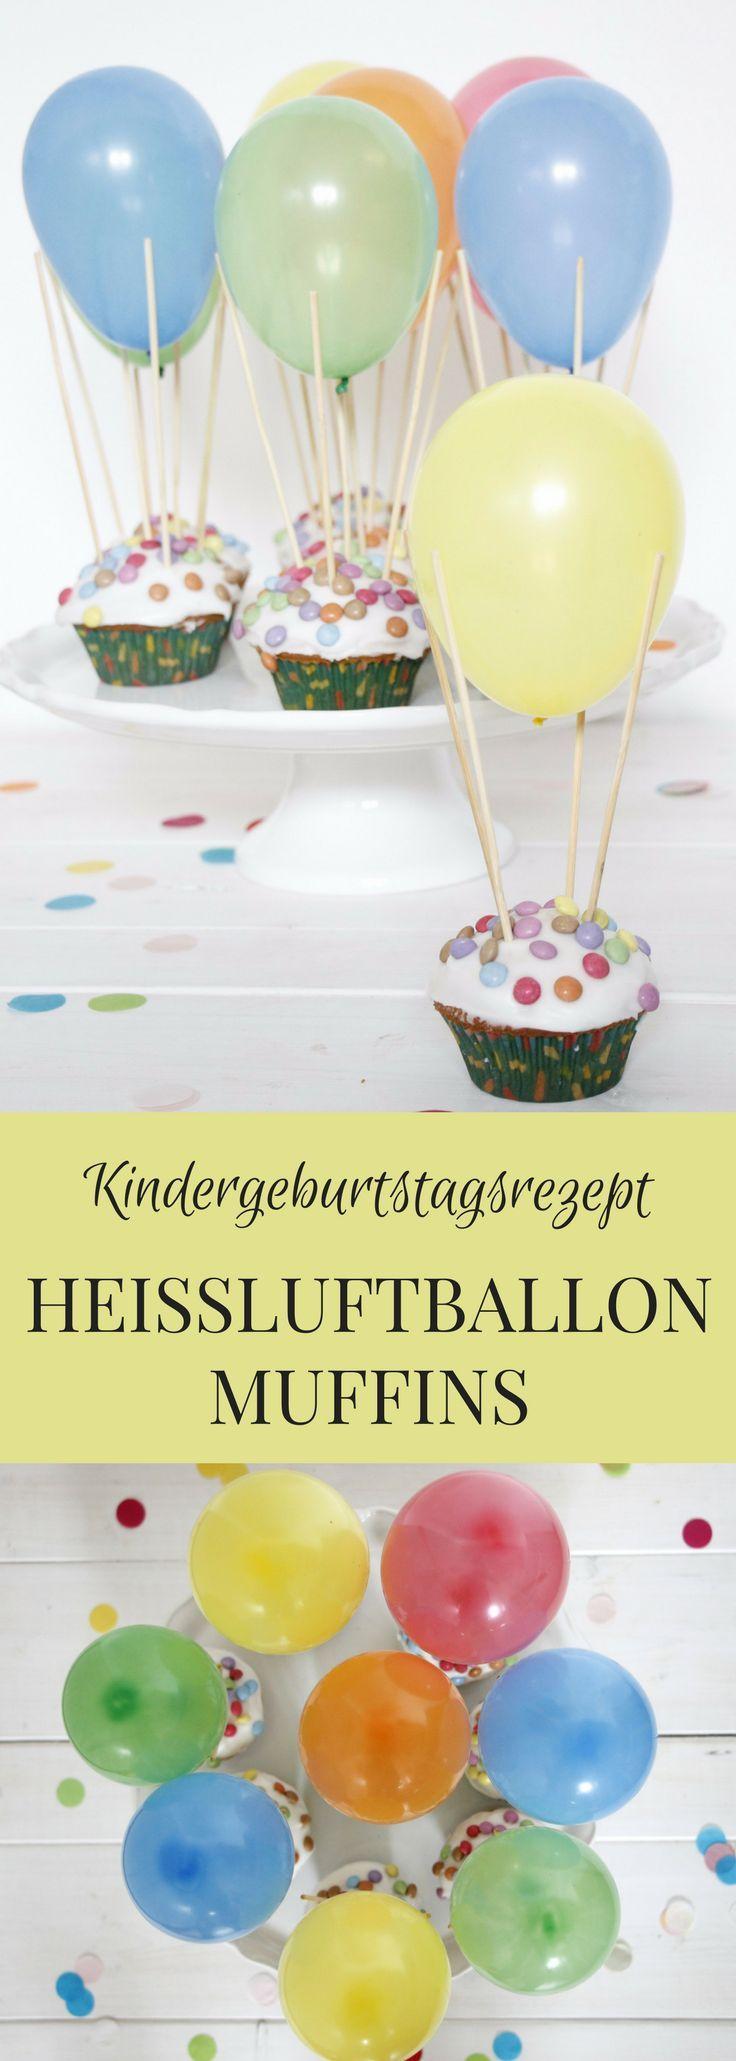 Kindergeburtstag Kuchen: Diese Heißluftballon Muffins sind ein kreatives Kindergeburtstag Rezept. Die Zitronenmuffins werden mit Zuckerguss bestrichen und mit Smarties belegt. Die Wasserbomben sorgen für kreative Muffins. Rezept und Anleitung gibt es im Blog. Ein Kindergeburtstag Rezept, das natürlich auch mit einem anderen Muffinrezept als Basis gebacken werden kann.